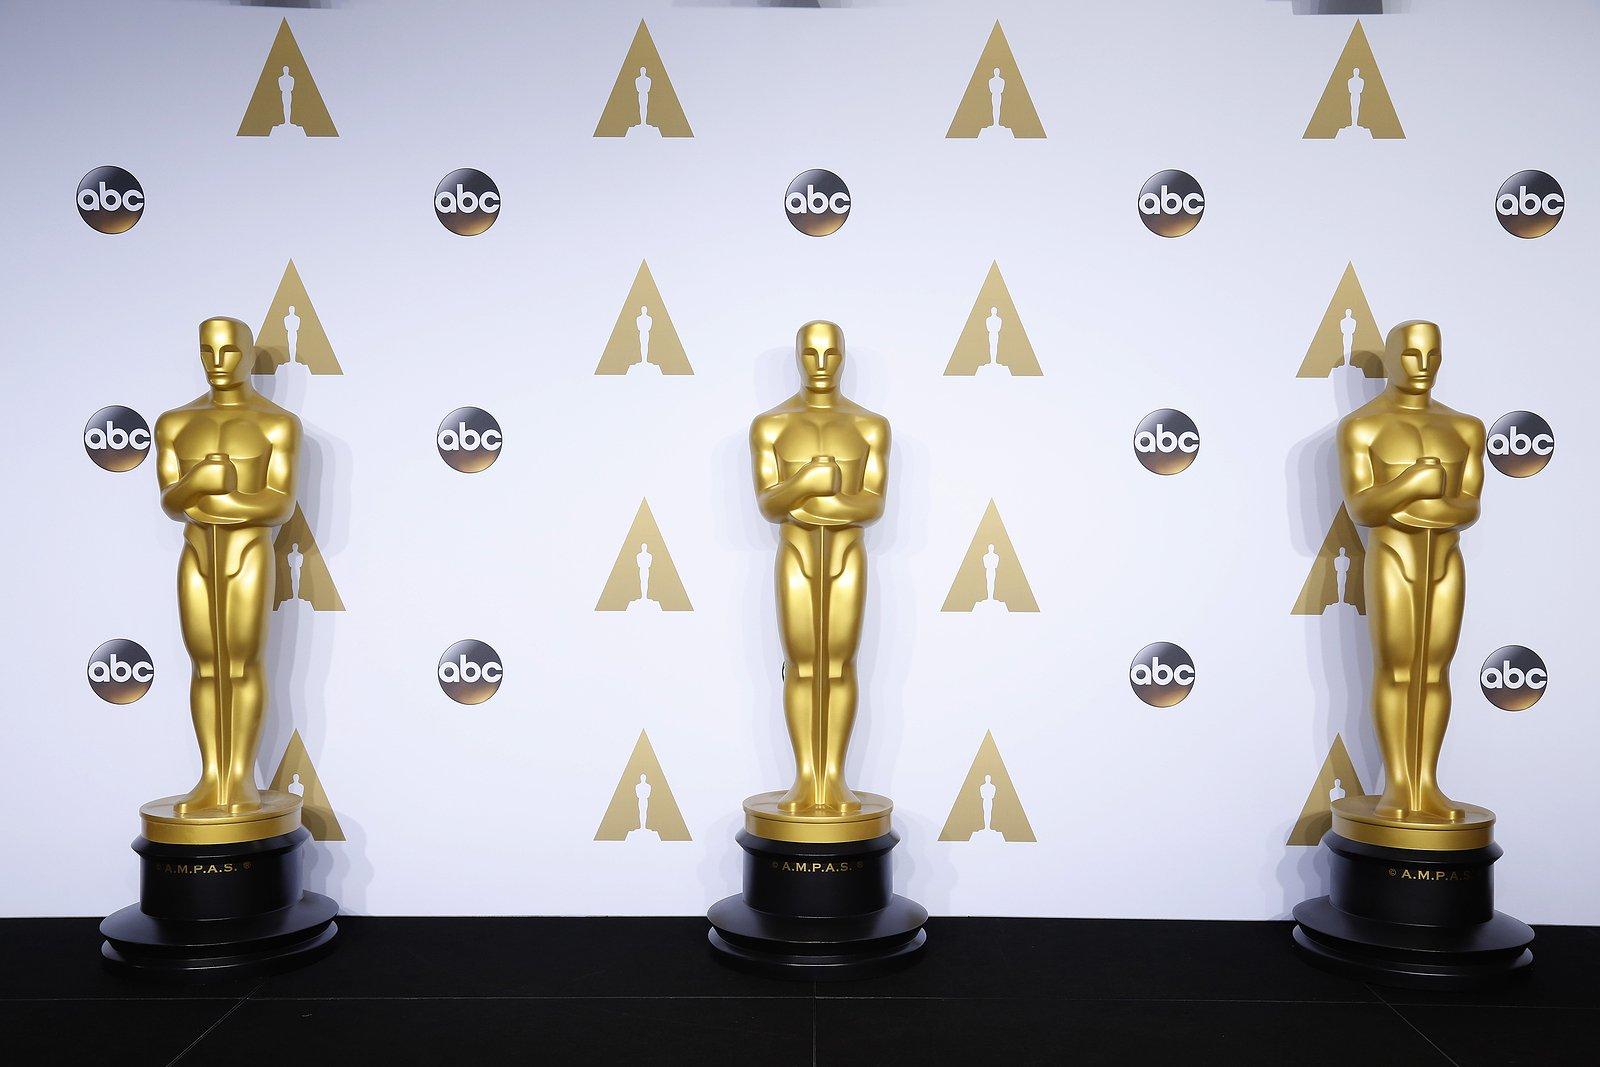 Academy Awards Autopsy: Too Long, Too Many Masters